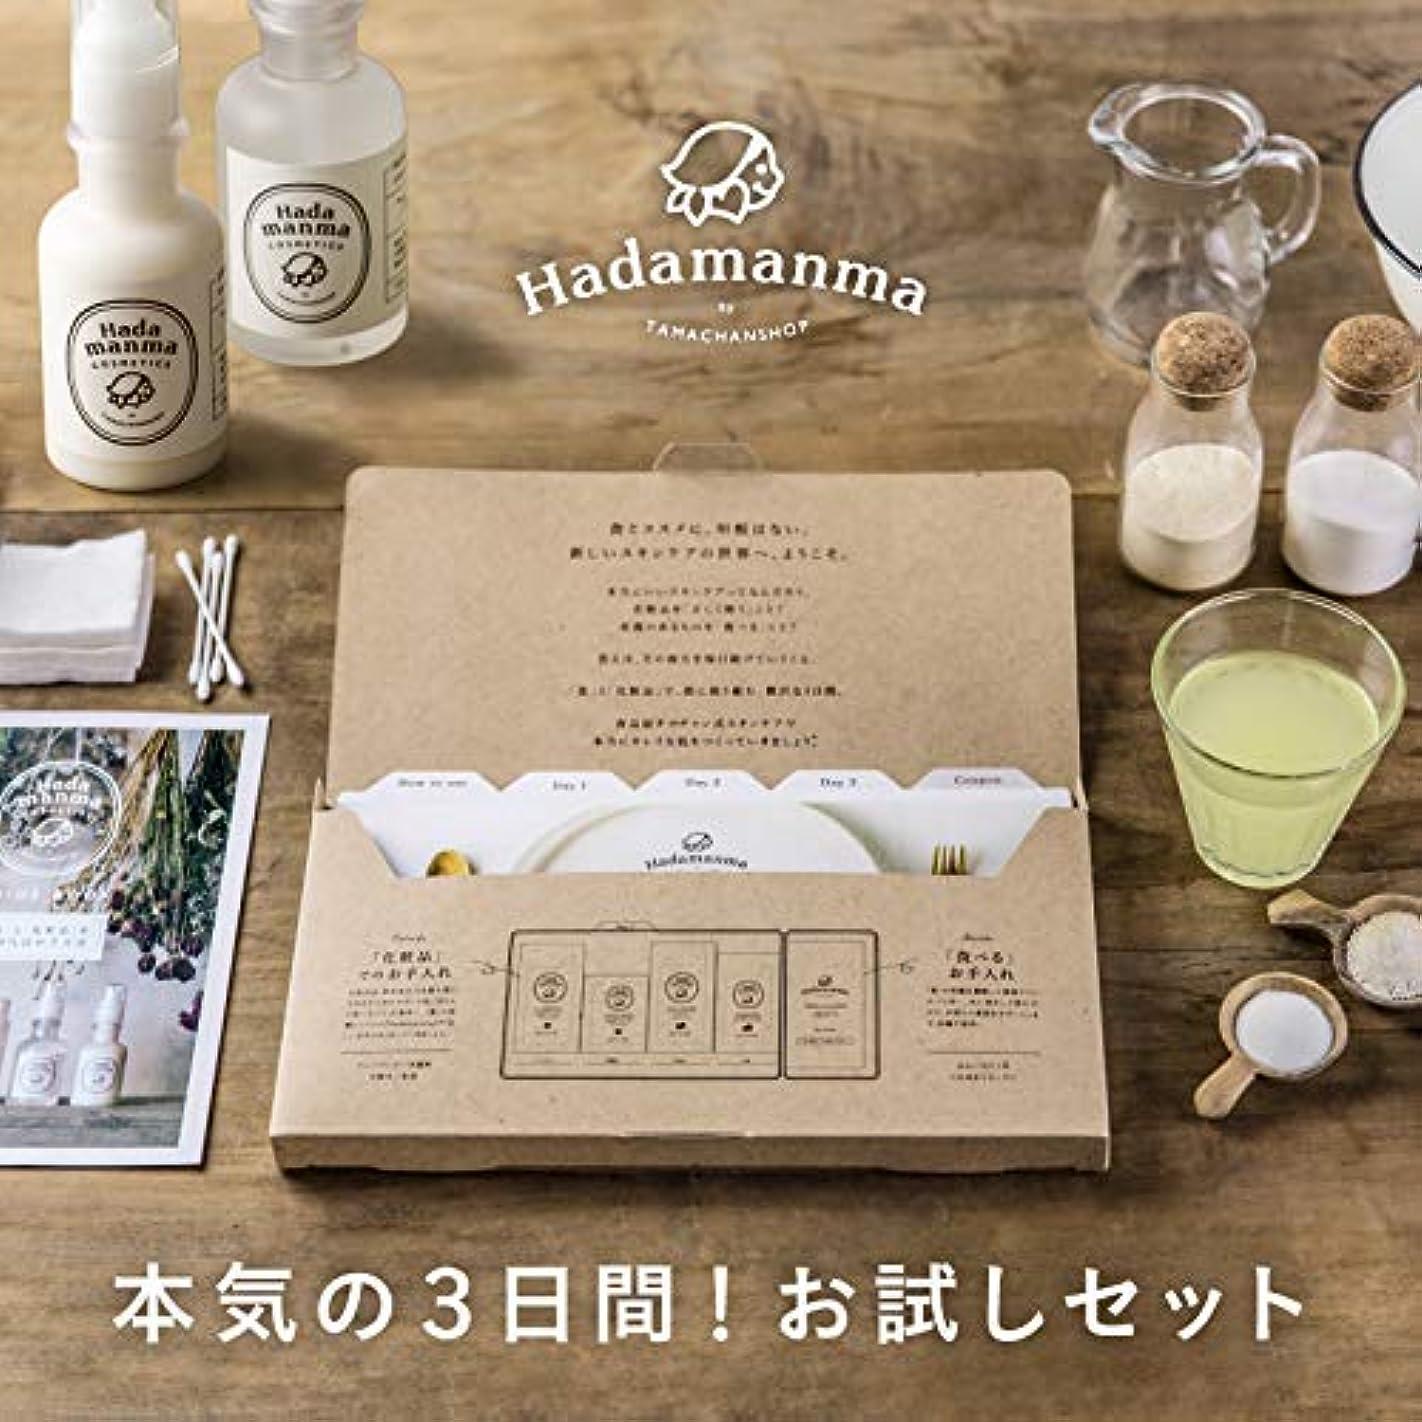 うれしい豆腐ぜいたくHadamanma スキンケア 3日間トライアルセット お試しセット ハダマンマ Hadamanma Cosmetics